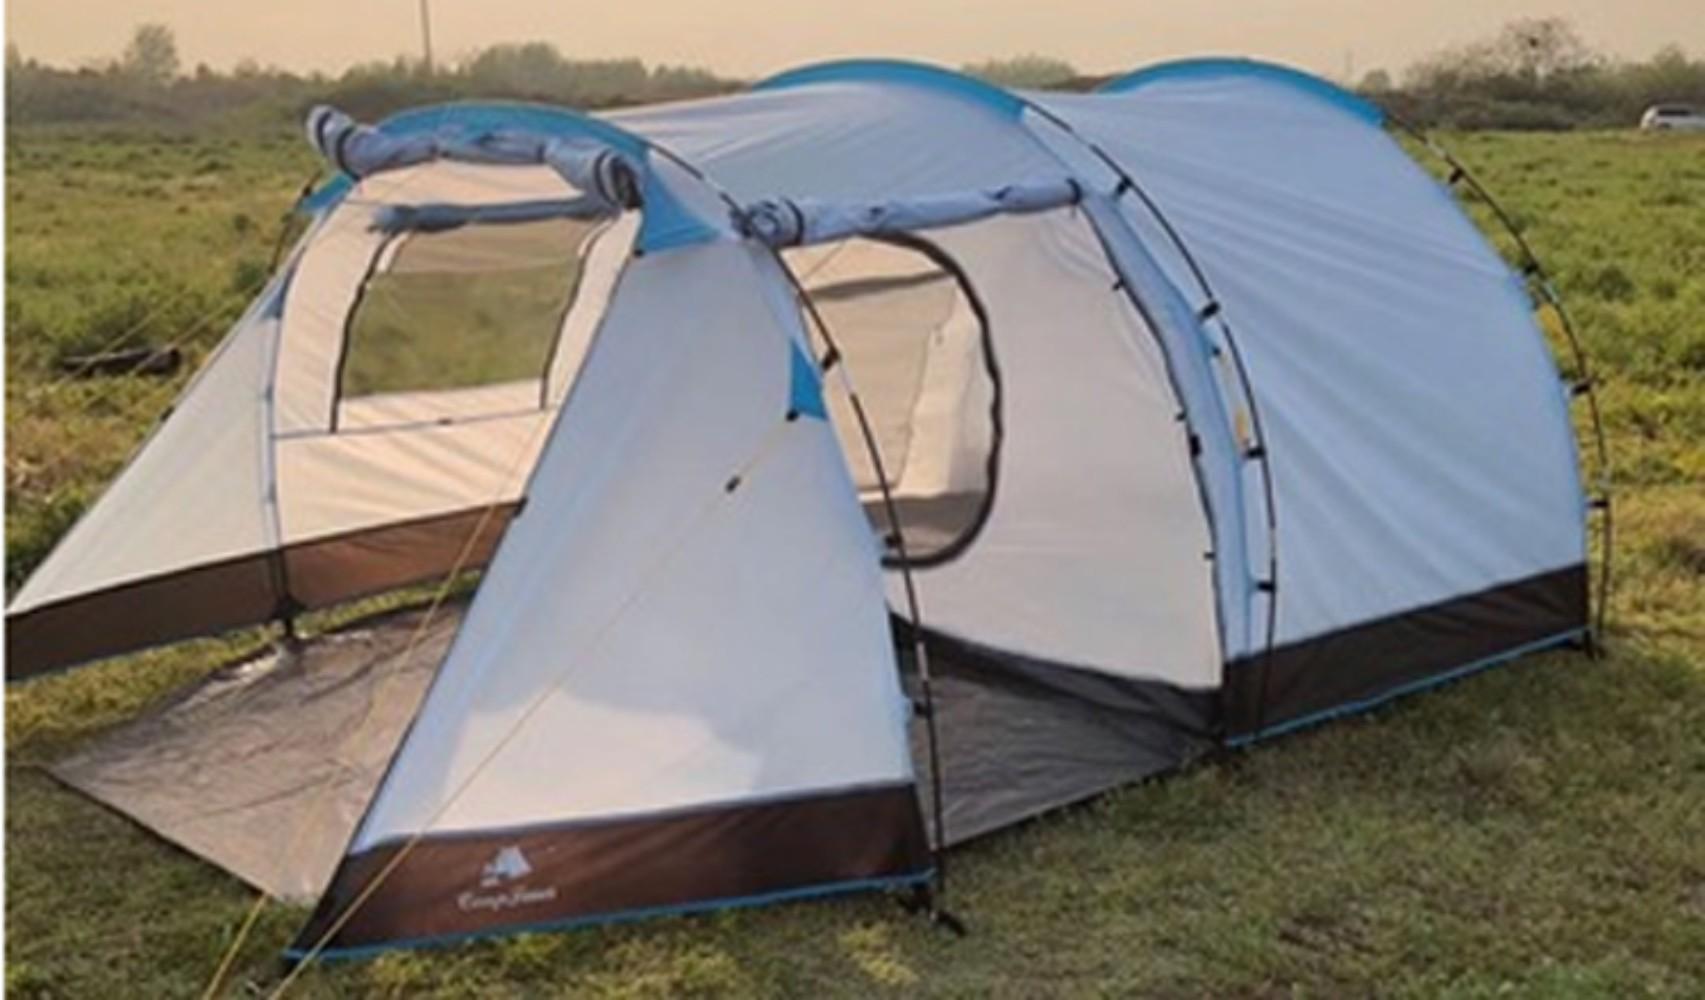 백패킹 터널형 오토 캠핑 텐트 쉘터 베스티블 전실 포함, 하늘색 유리 섬유 막대